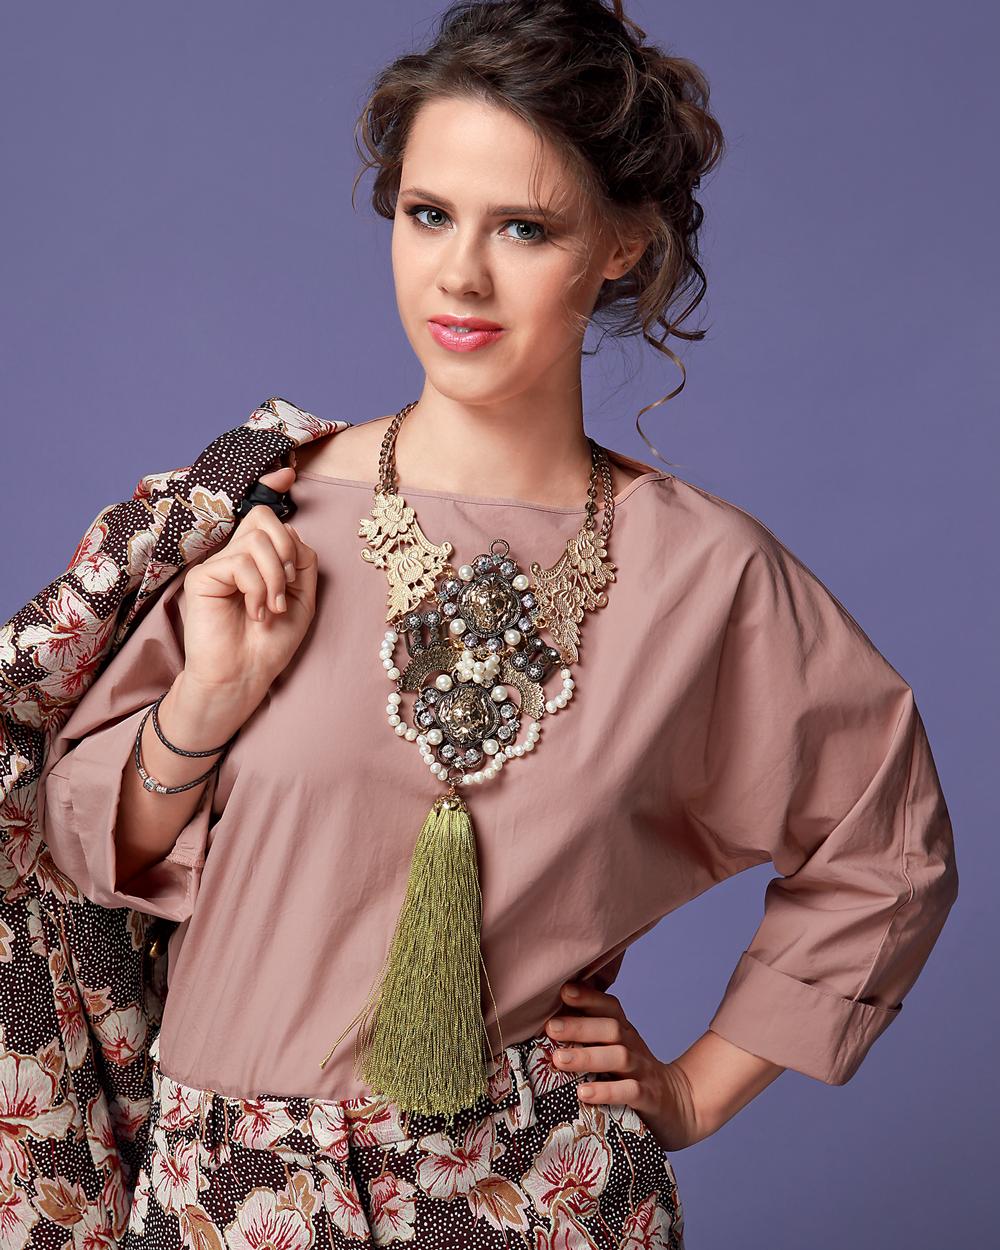 Модная бижутерия 2016: с чем носить и как сочетать